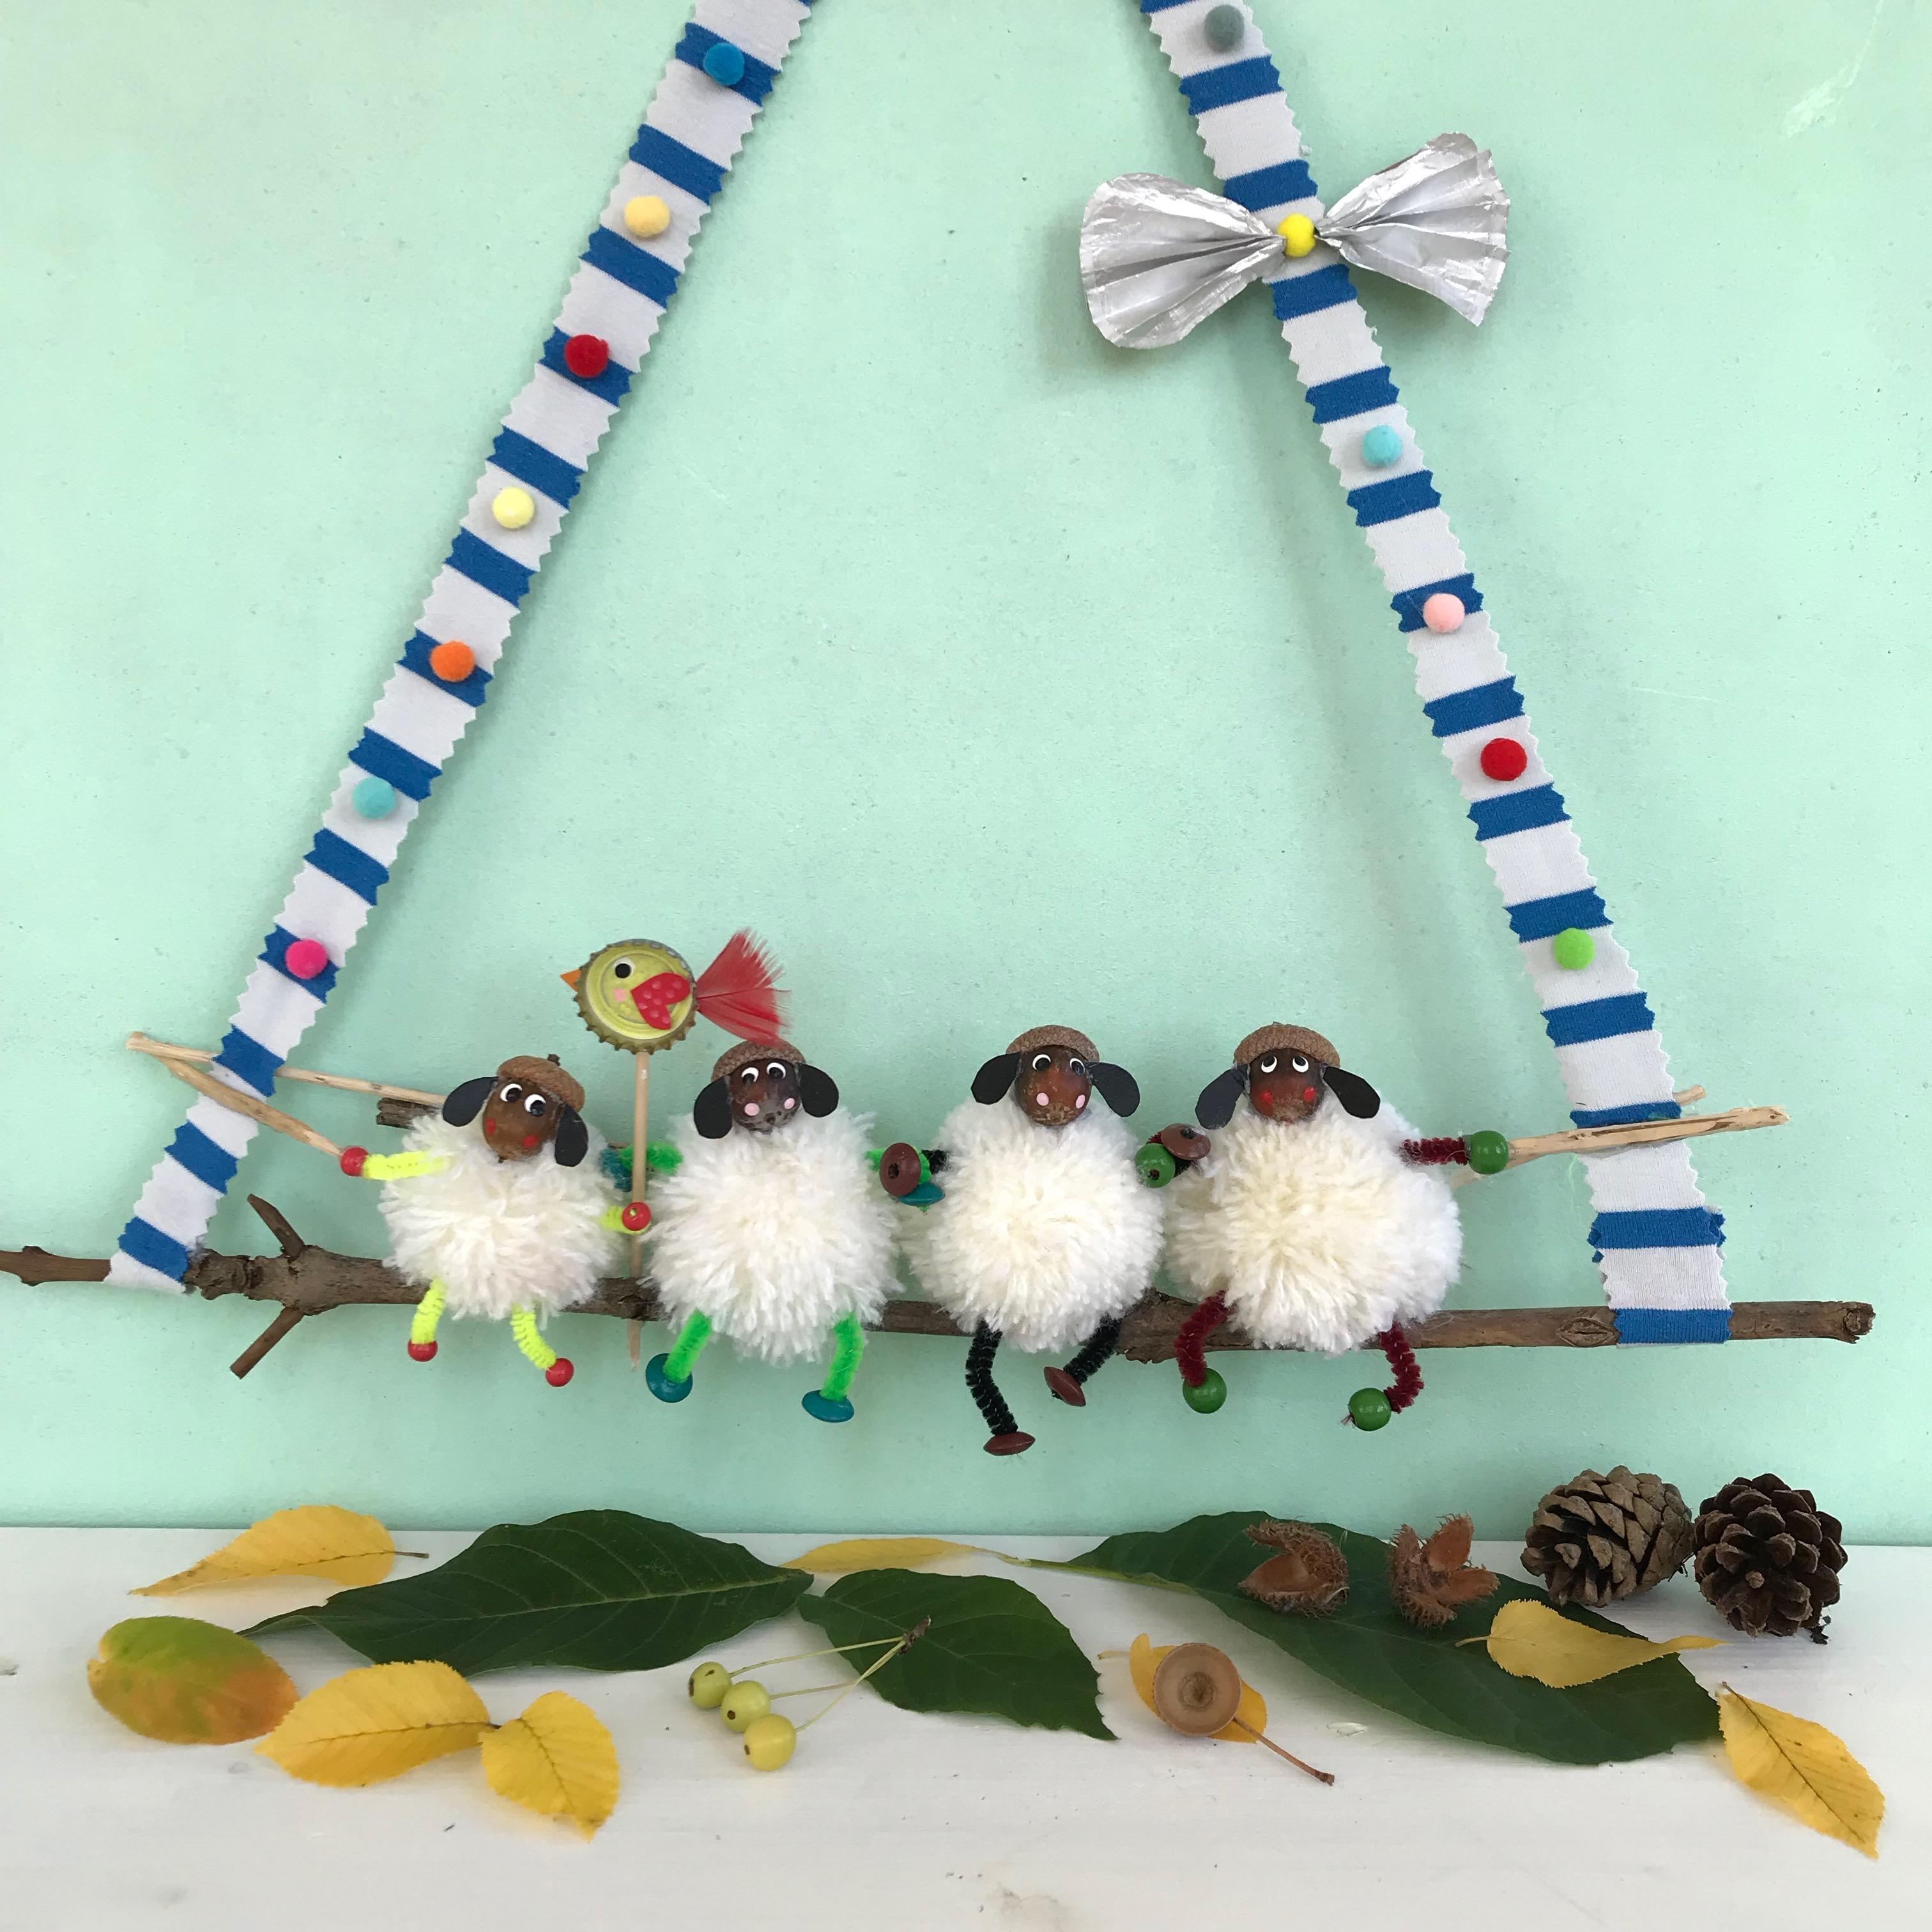 Herbstbasteln mit Kindern, Herbstdeko mit Schafen aus Pompons und Eicheln selber machen